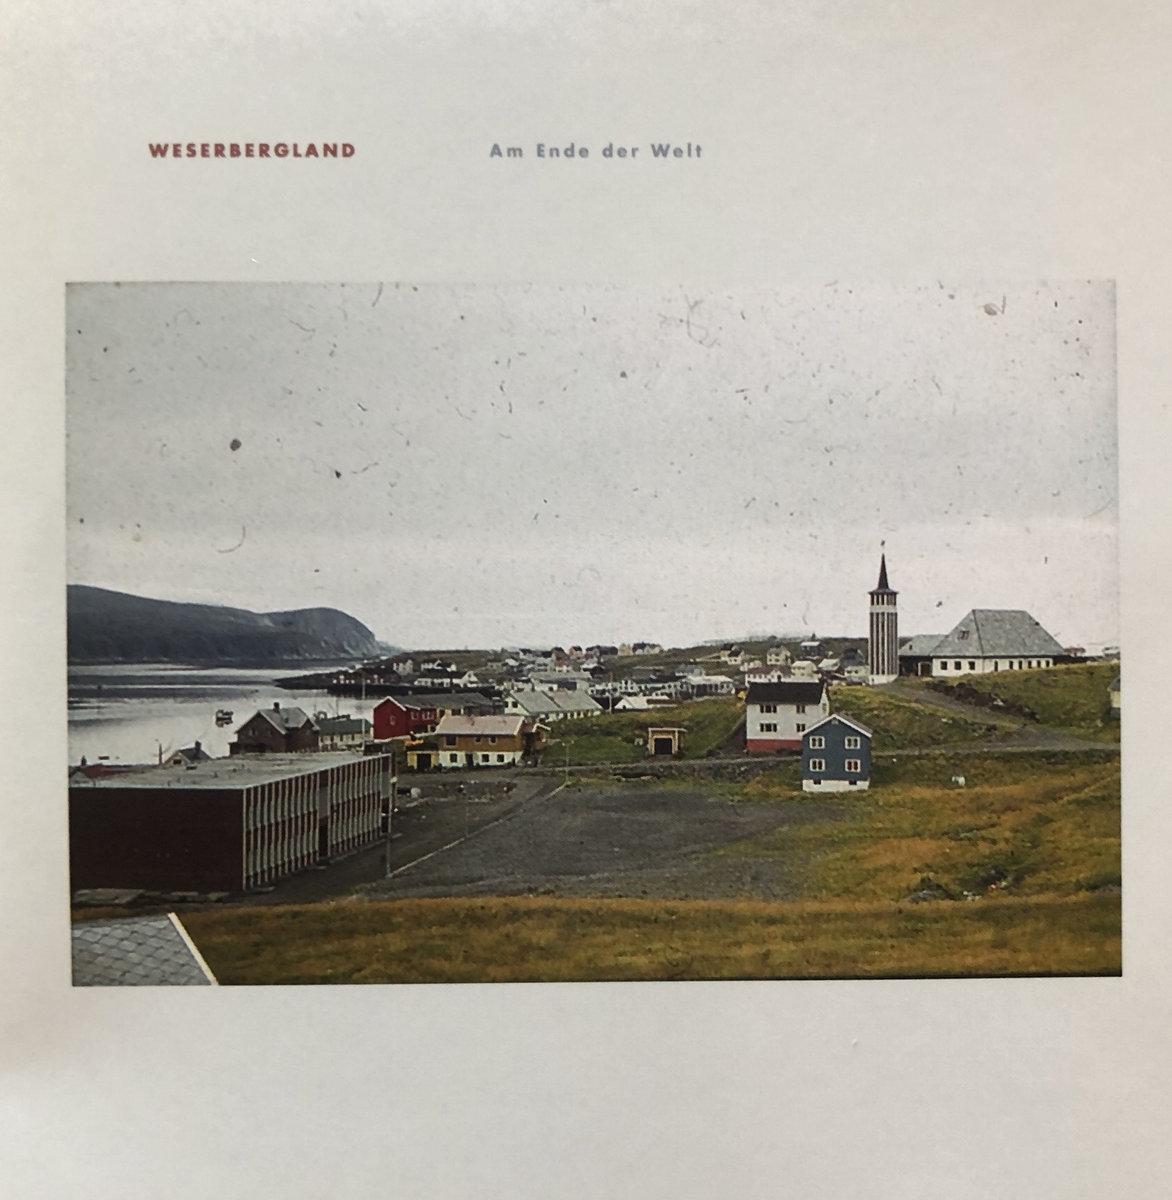 Weserbergland: Am Ender der Welt